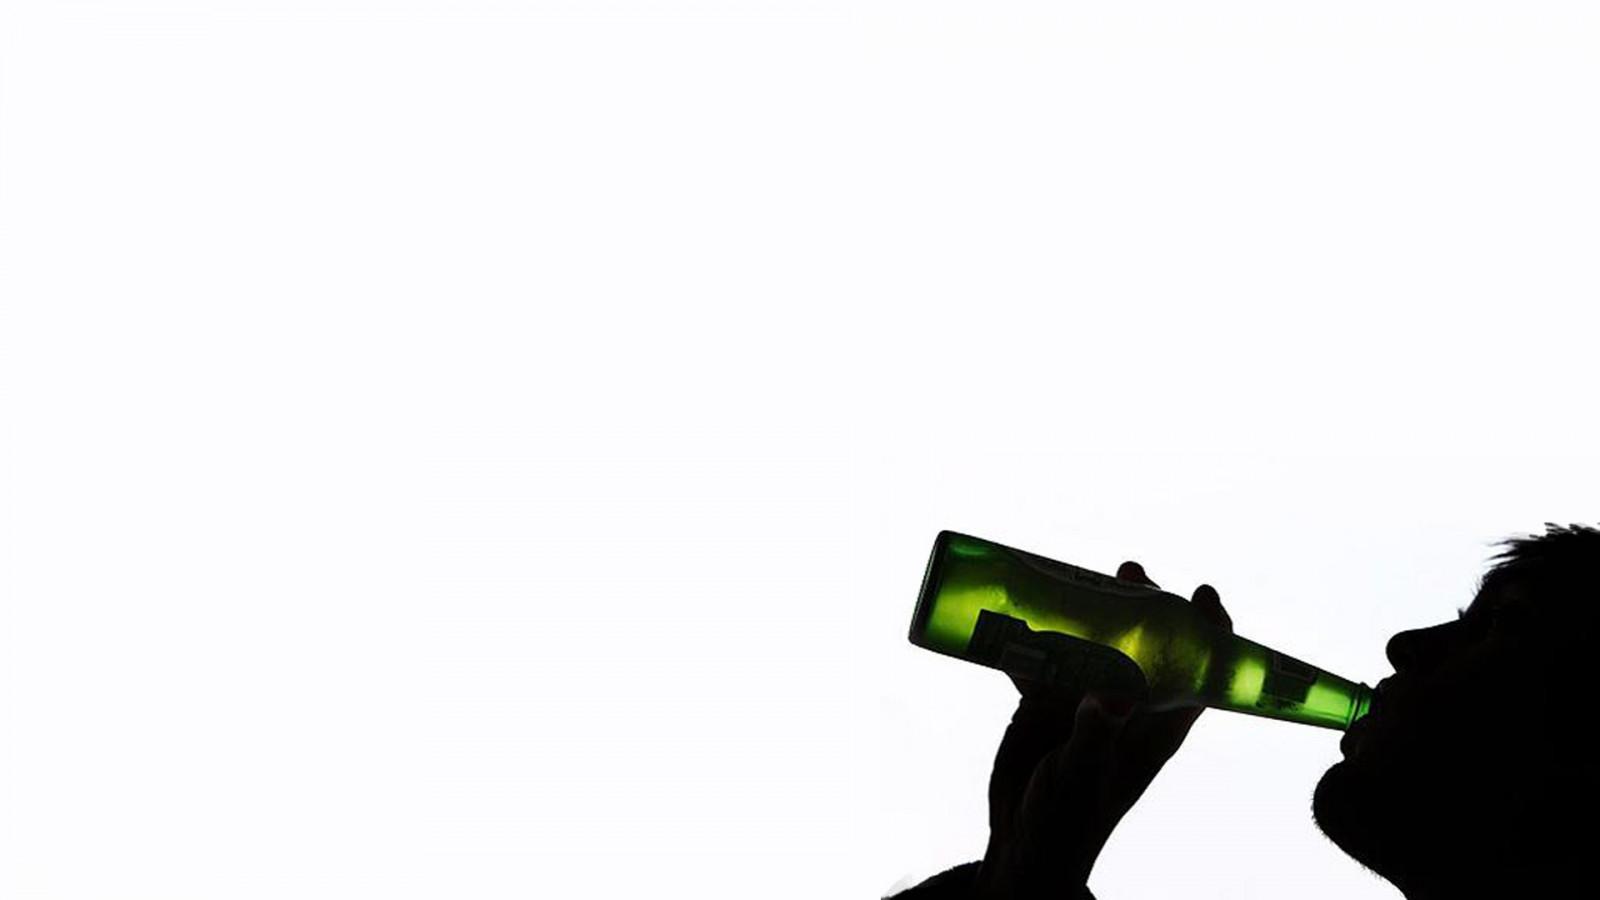 Алкоголь картинки для презентации, создать музыкальное поздравление